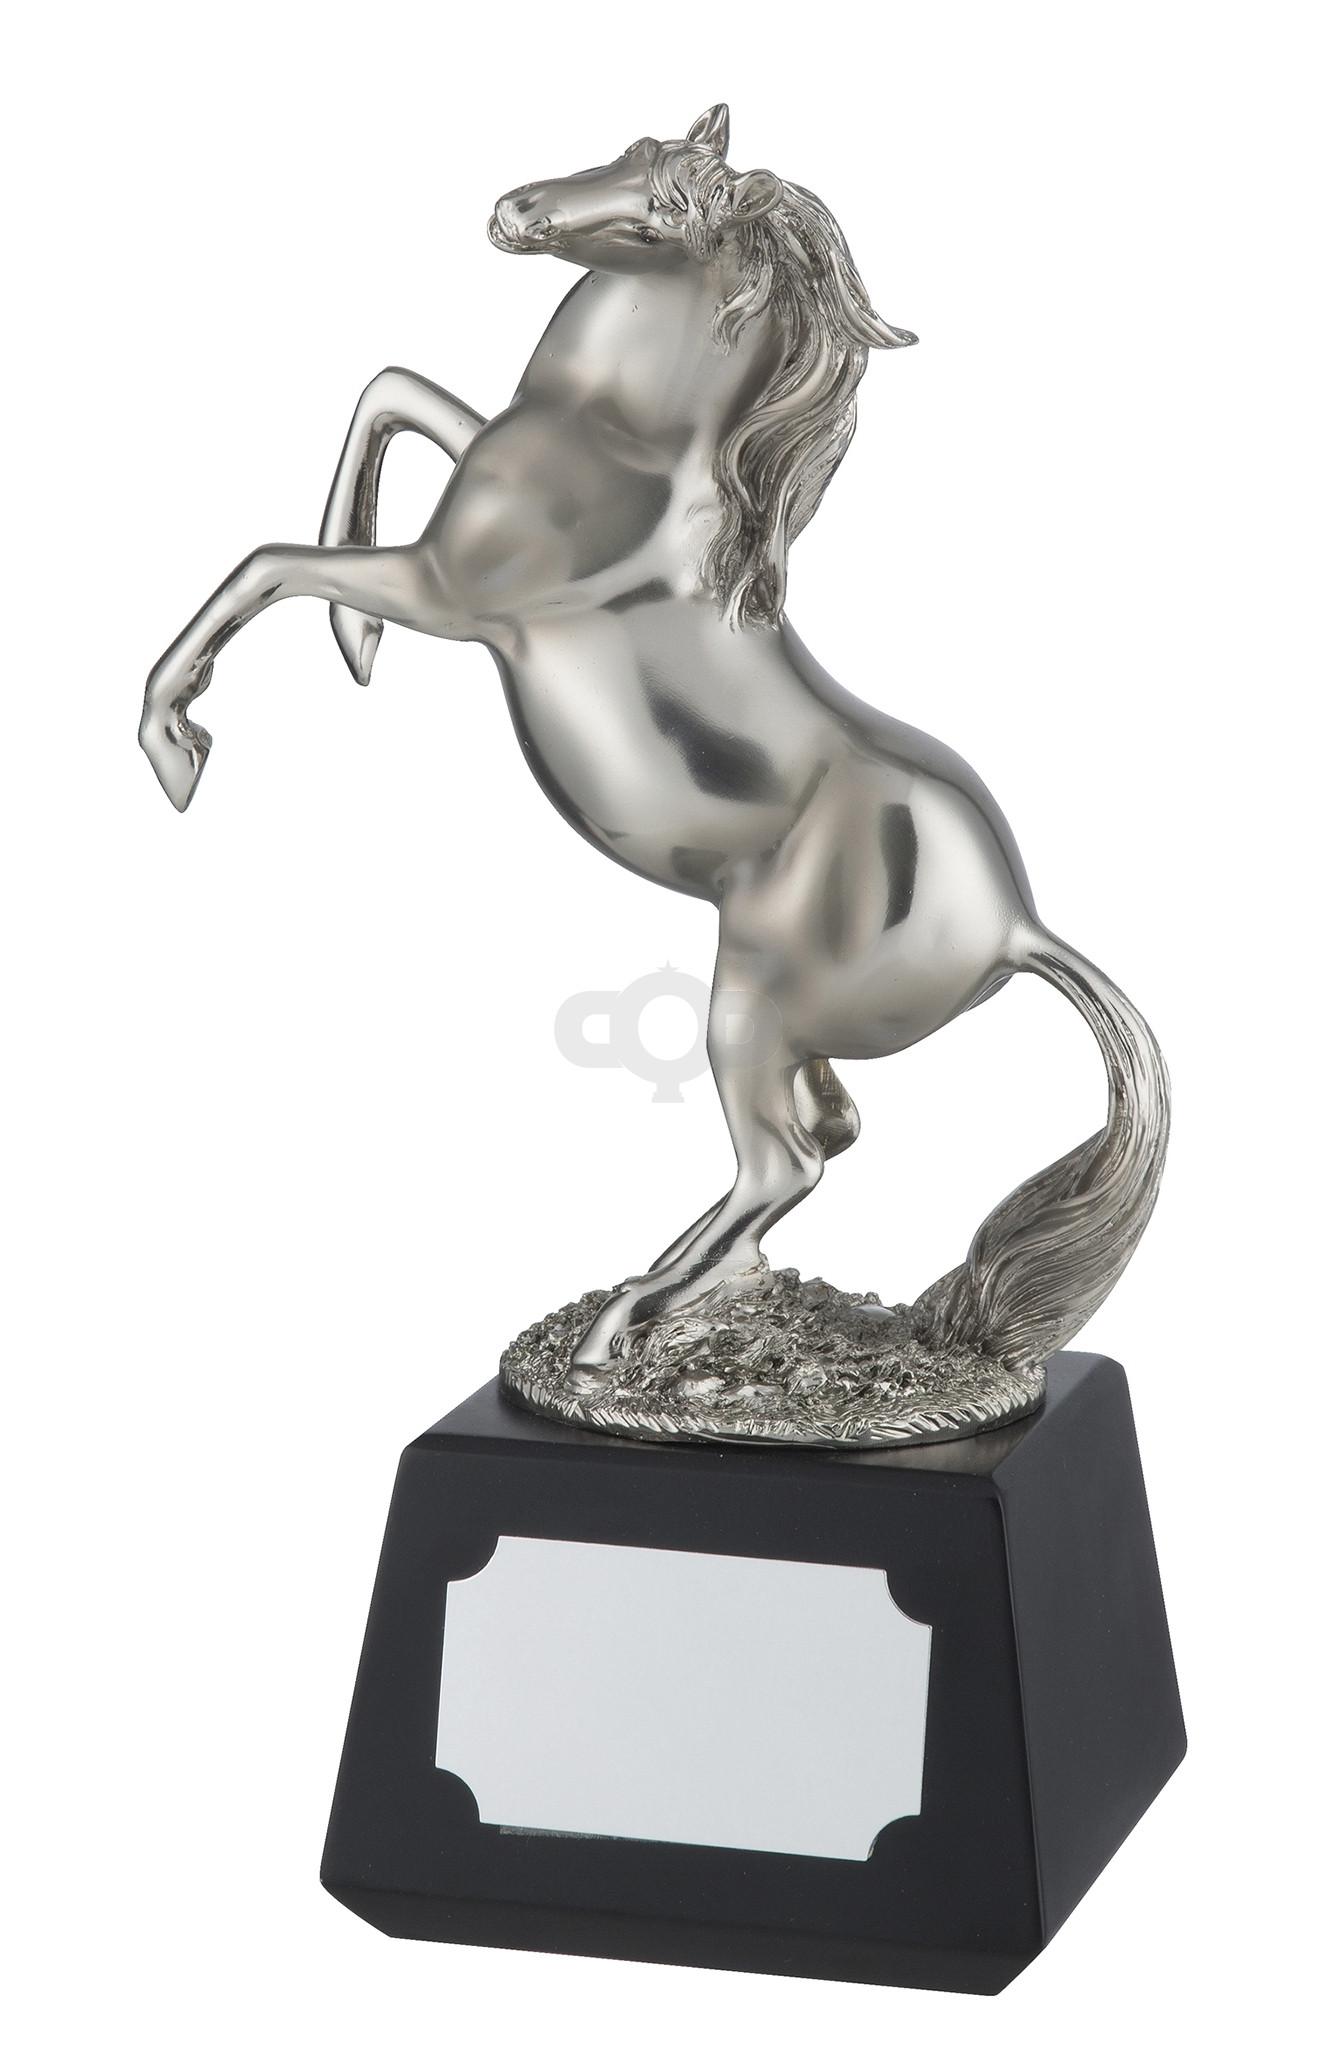 Silver Finish Horse Award